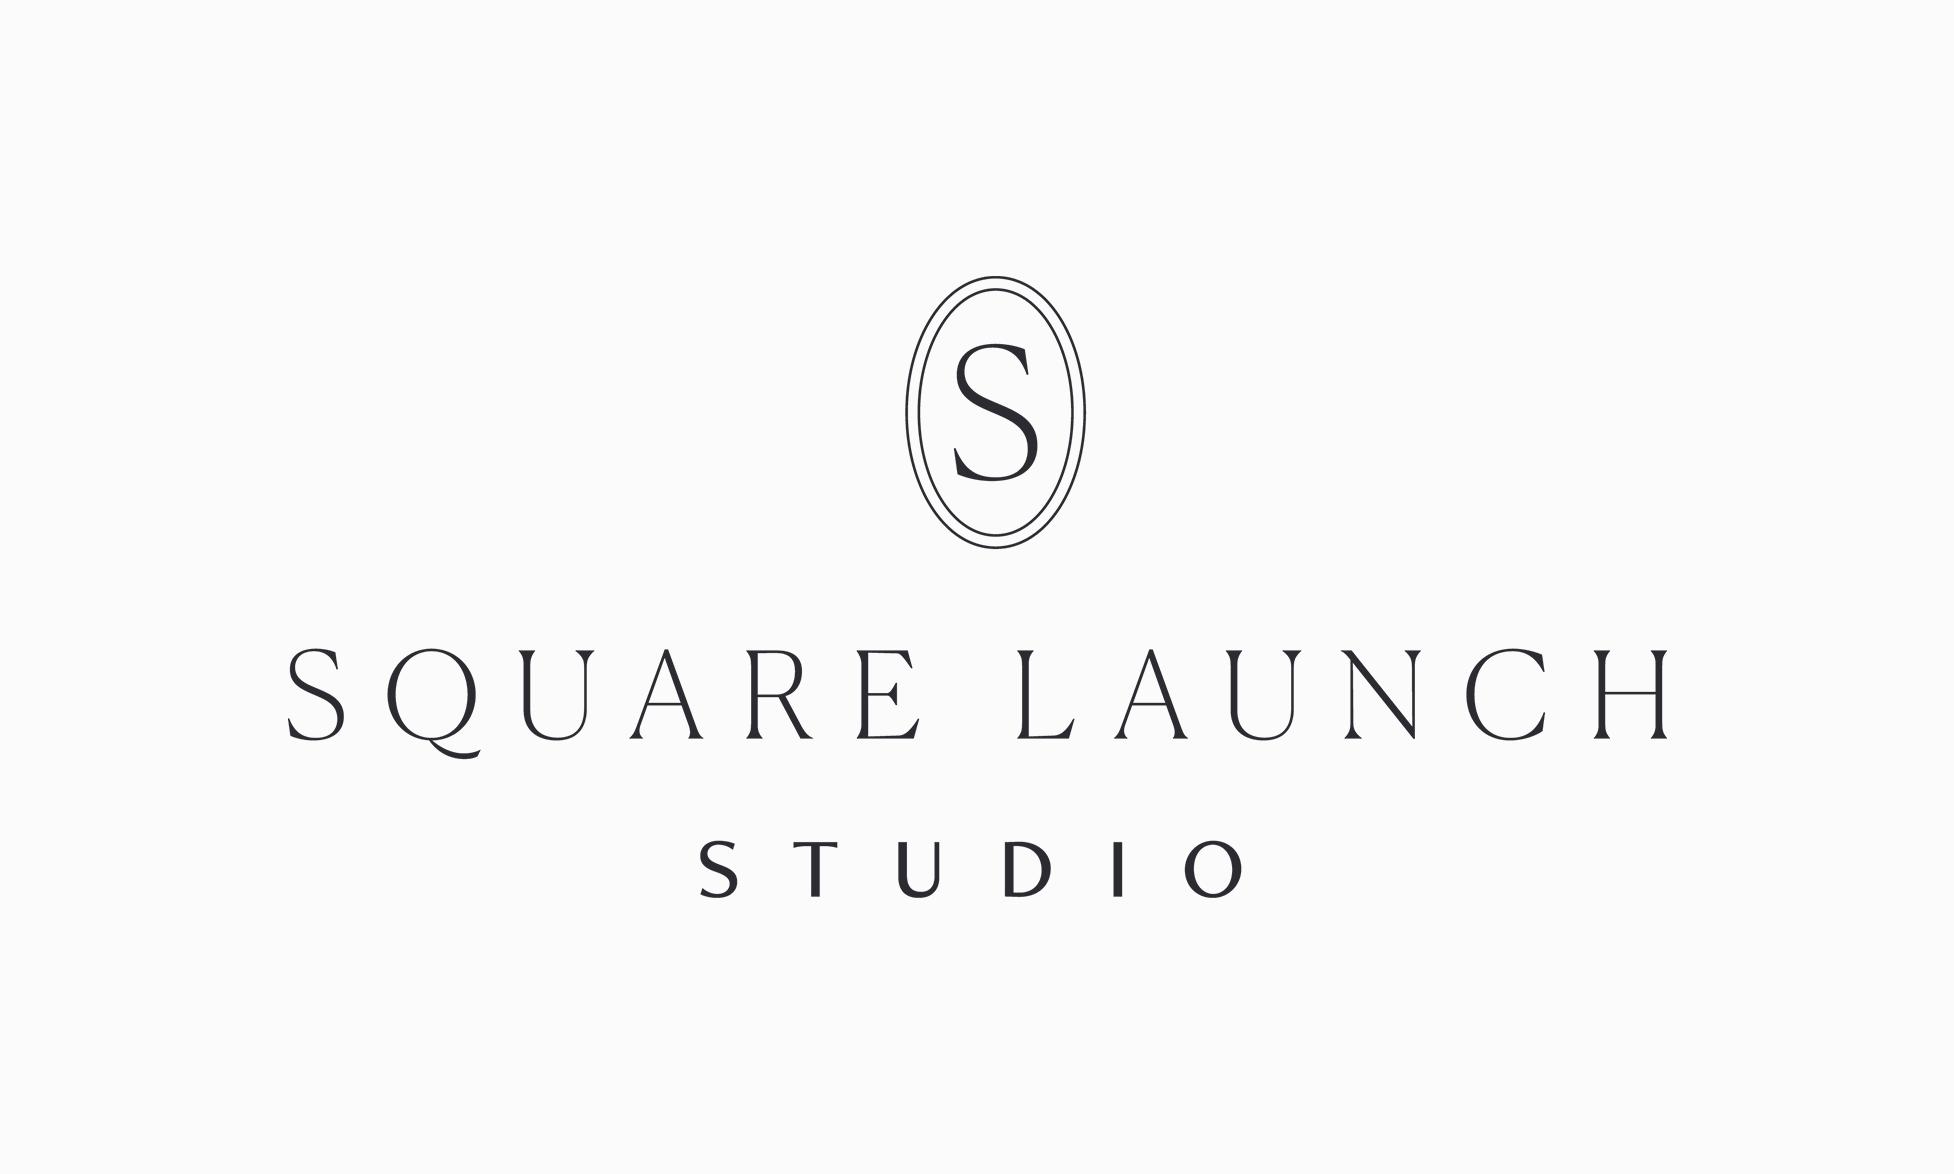 Square Launch Studio — Logo Design by Janessa Rae Design Creative